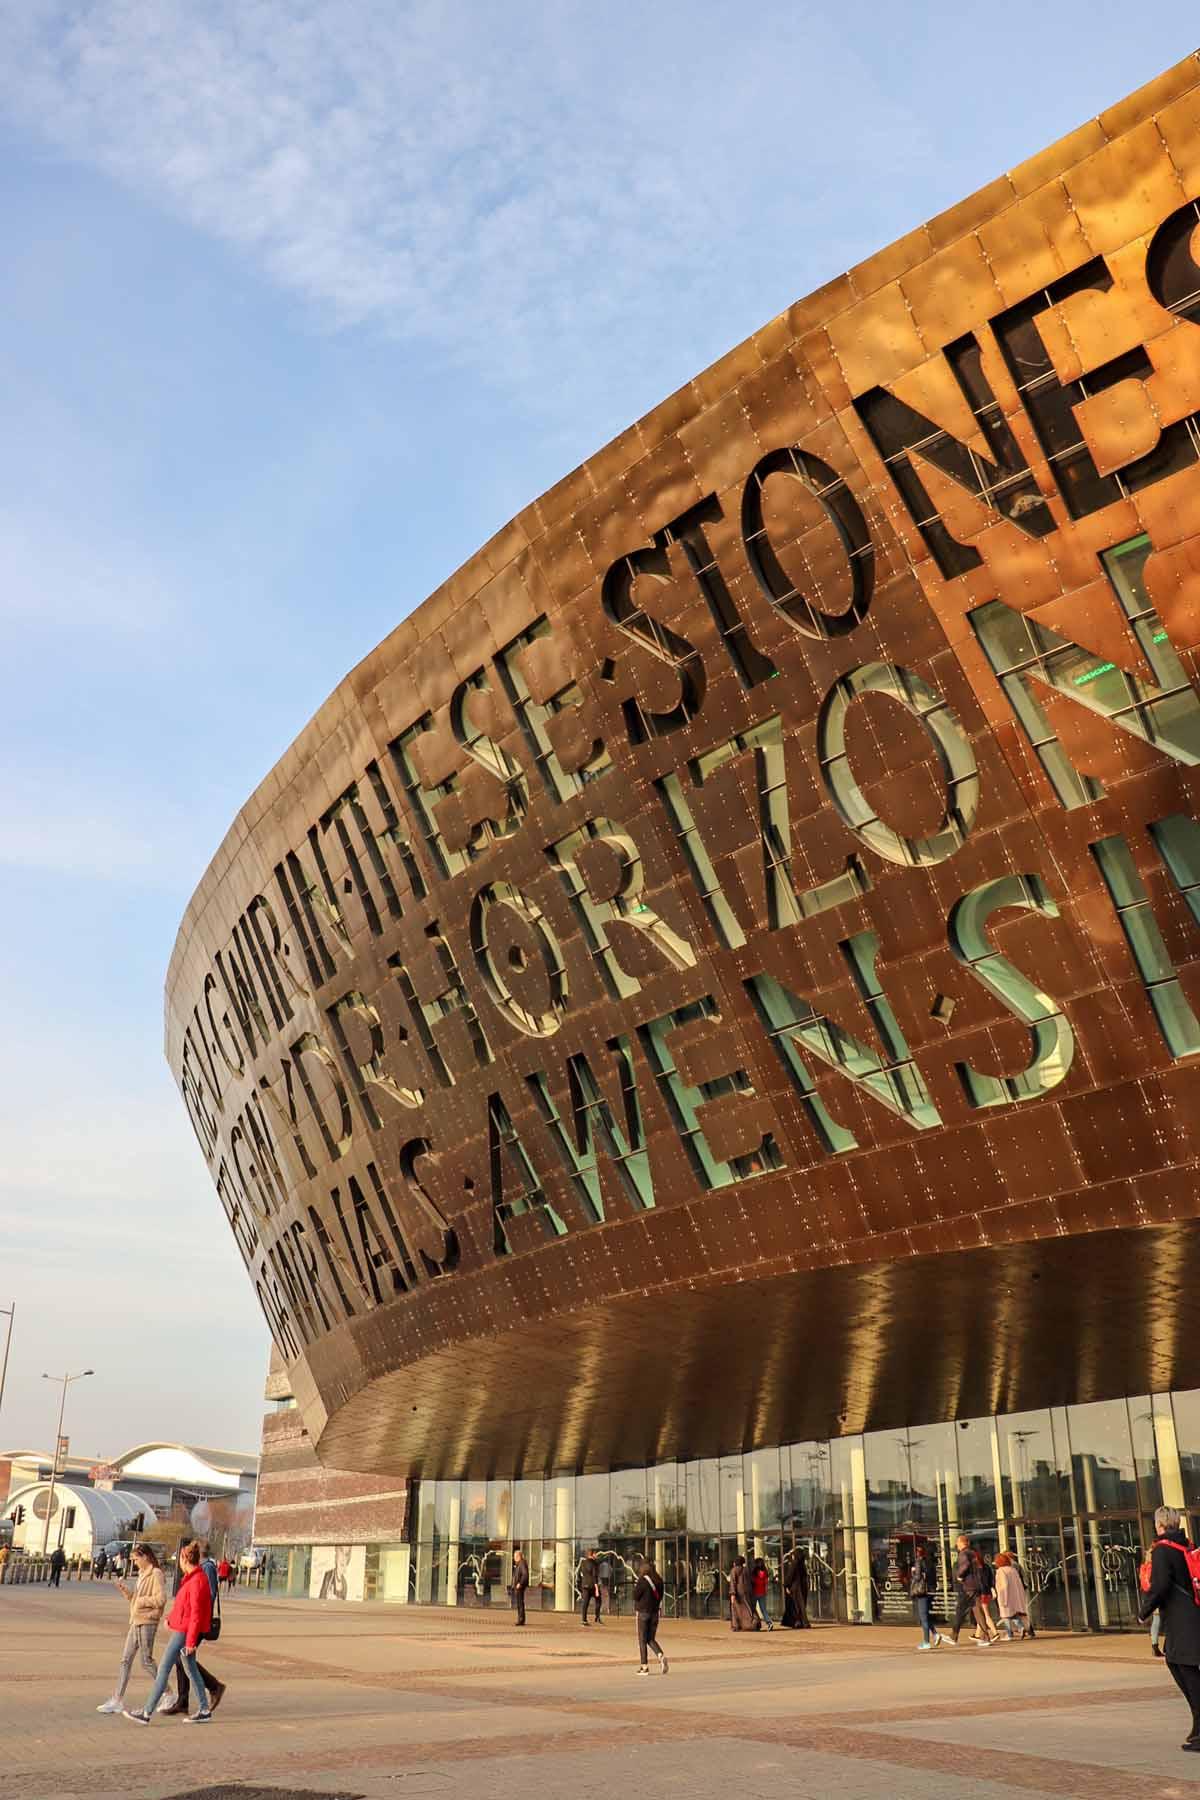 De leukste dingen om te doen in Cardiff, Wales Millennium Centre - Map of Joy